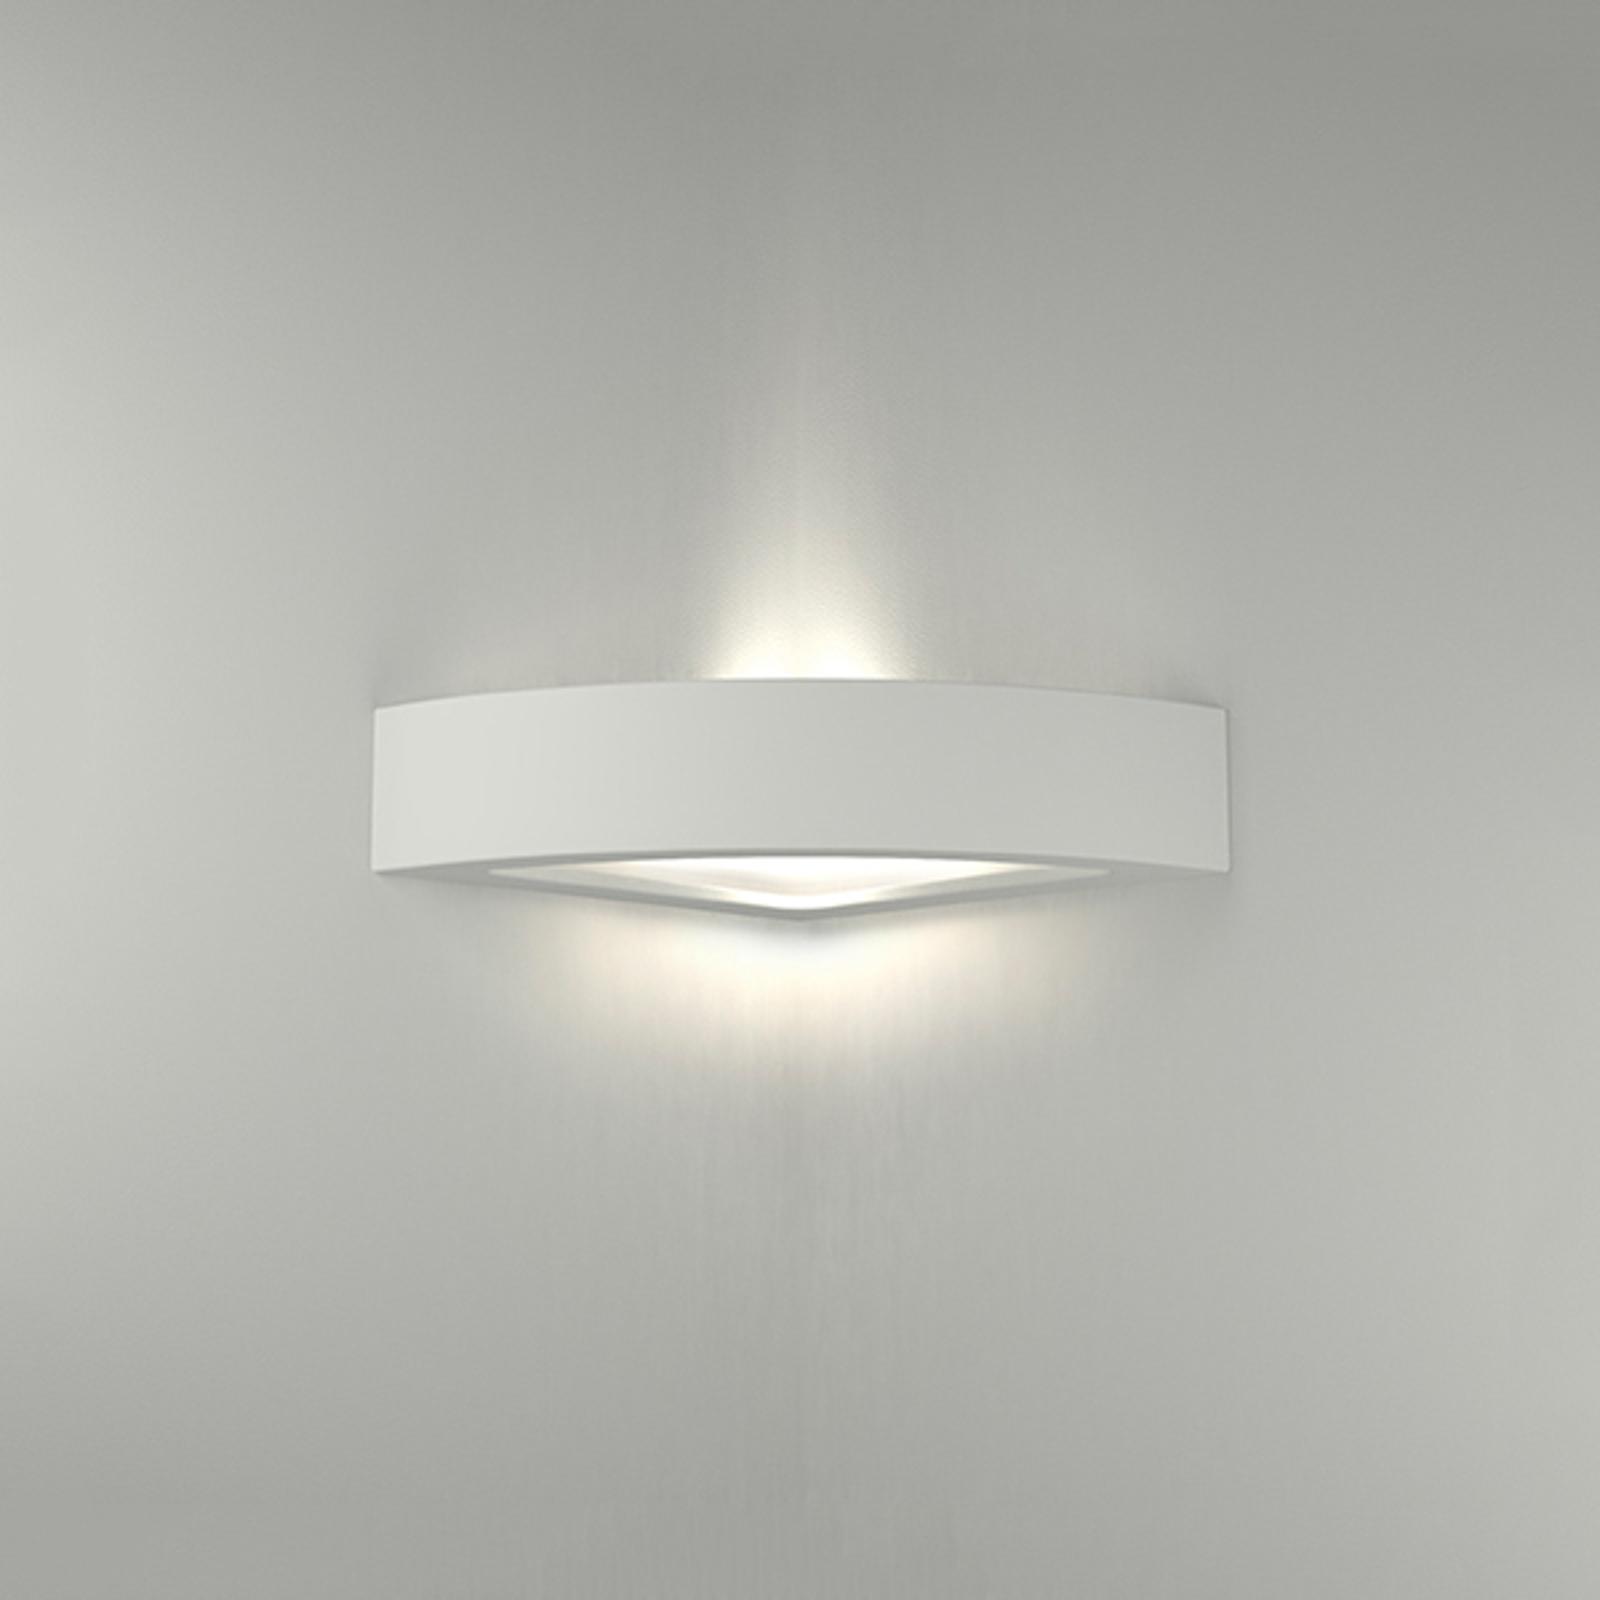 LED-vegglampe 8056 kantet 3000K kan ikke dimmes